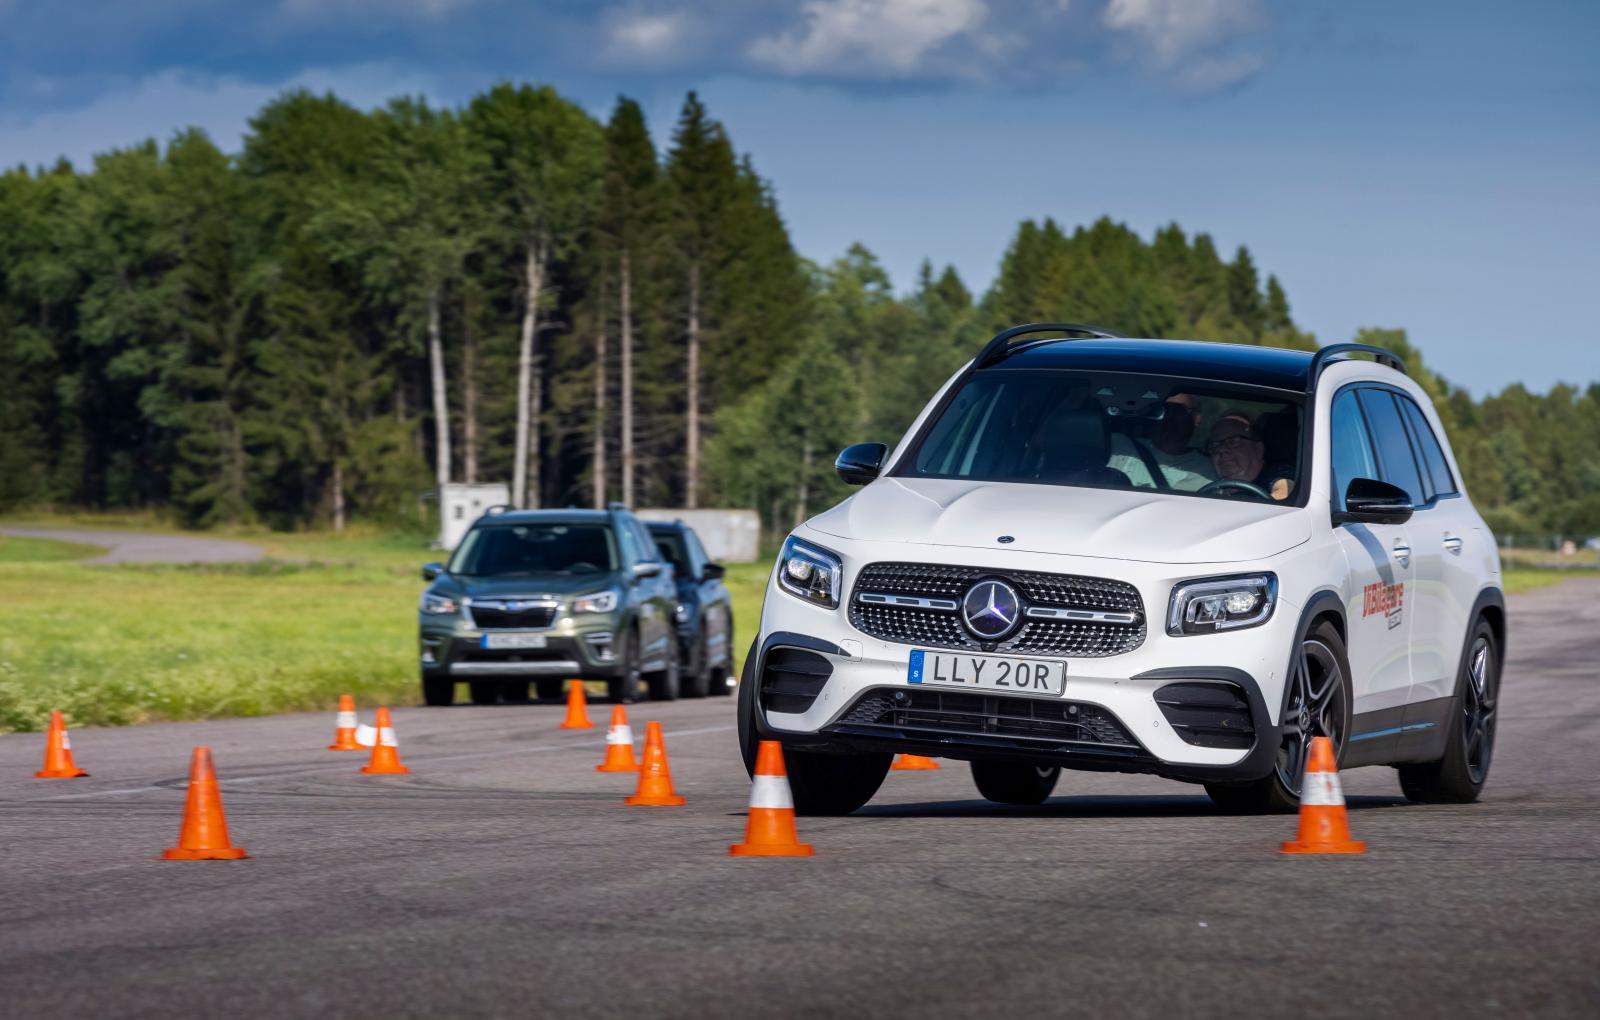 GLB är udda i konbanan. I låg fart smäller ESP-systemet till så att bilen vill stanna innan manövern är klar. I högre fart löper den snyggt igenom, max 74 km/tim.